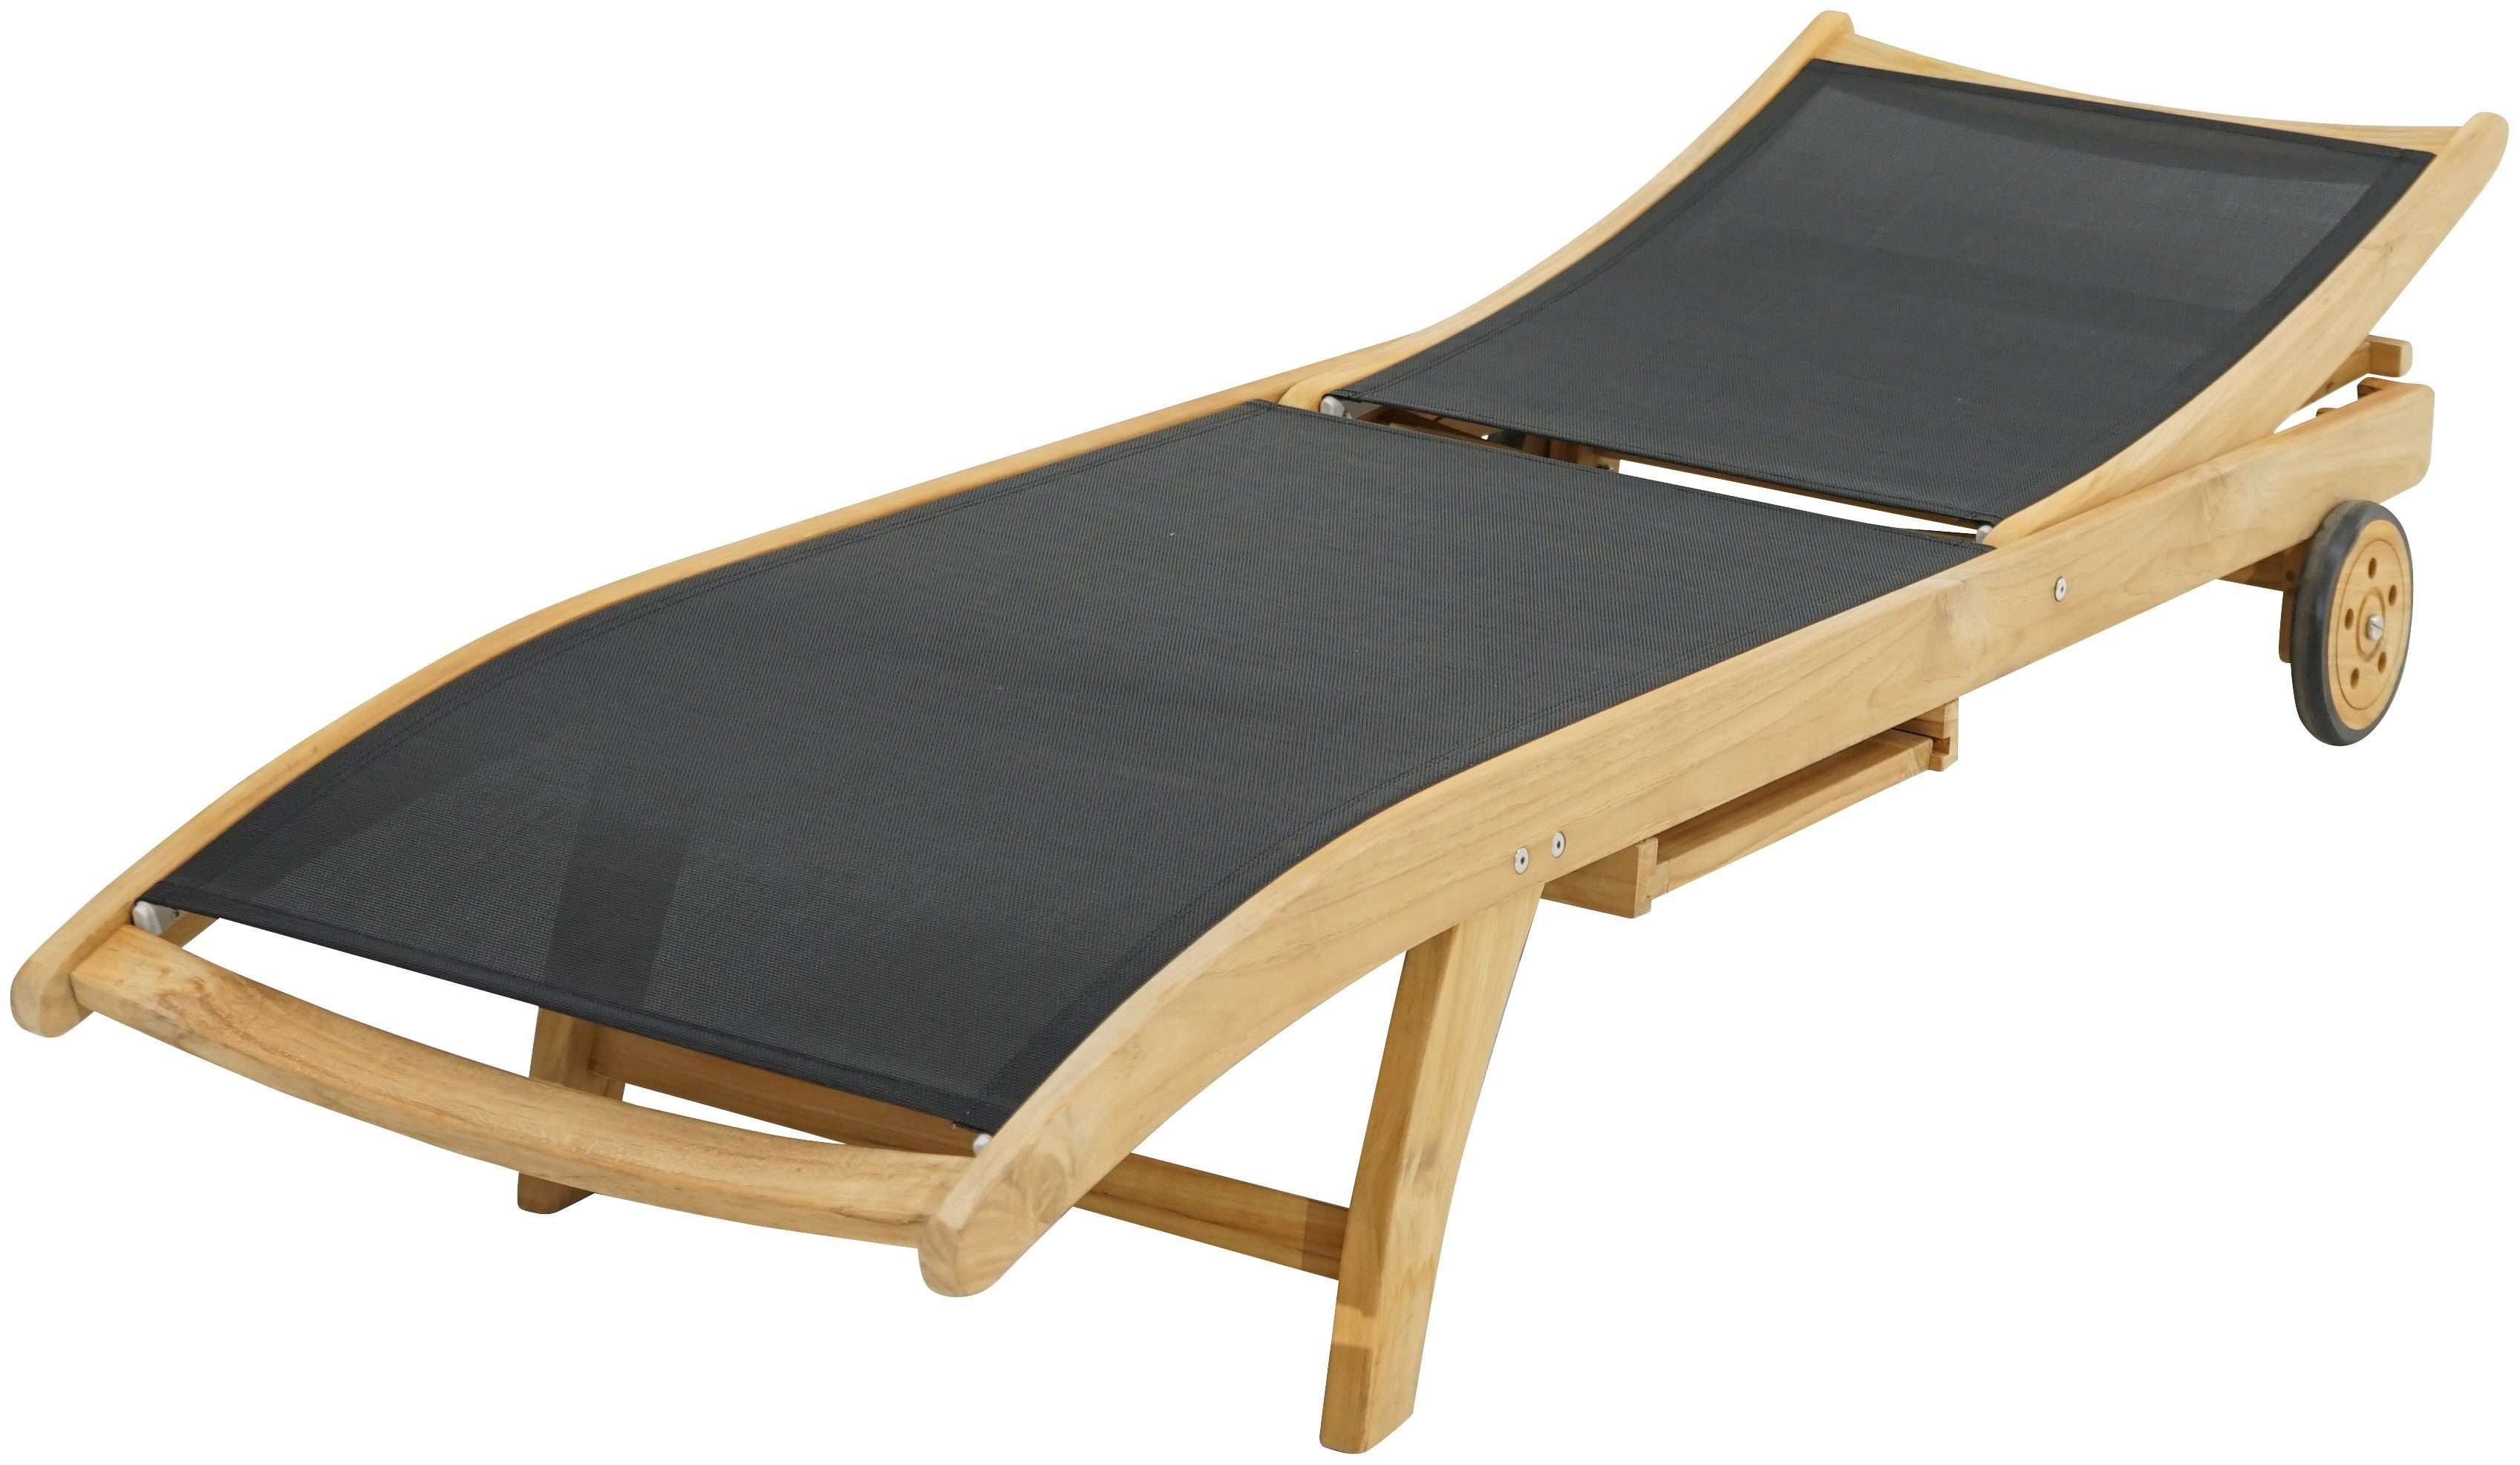 PLOSS Rollliege »Fairchild«, Teak/Textil, schwarz